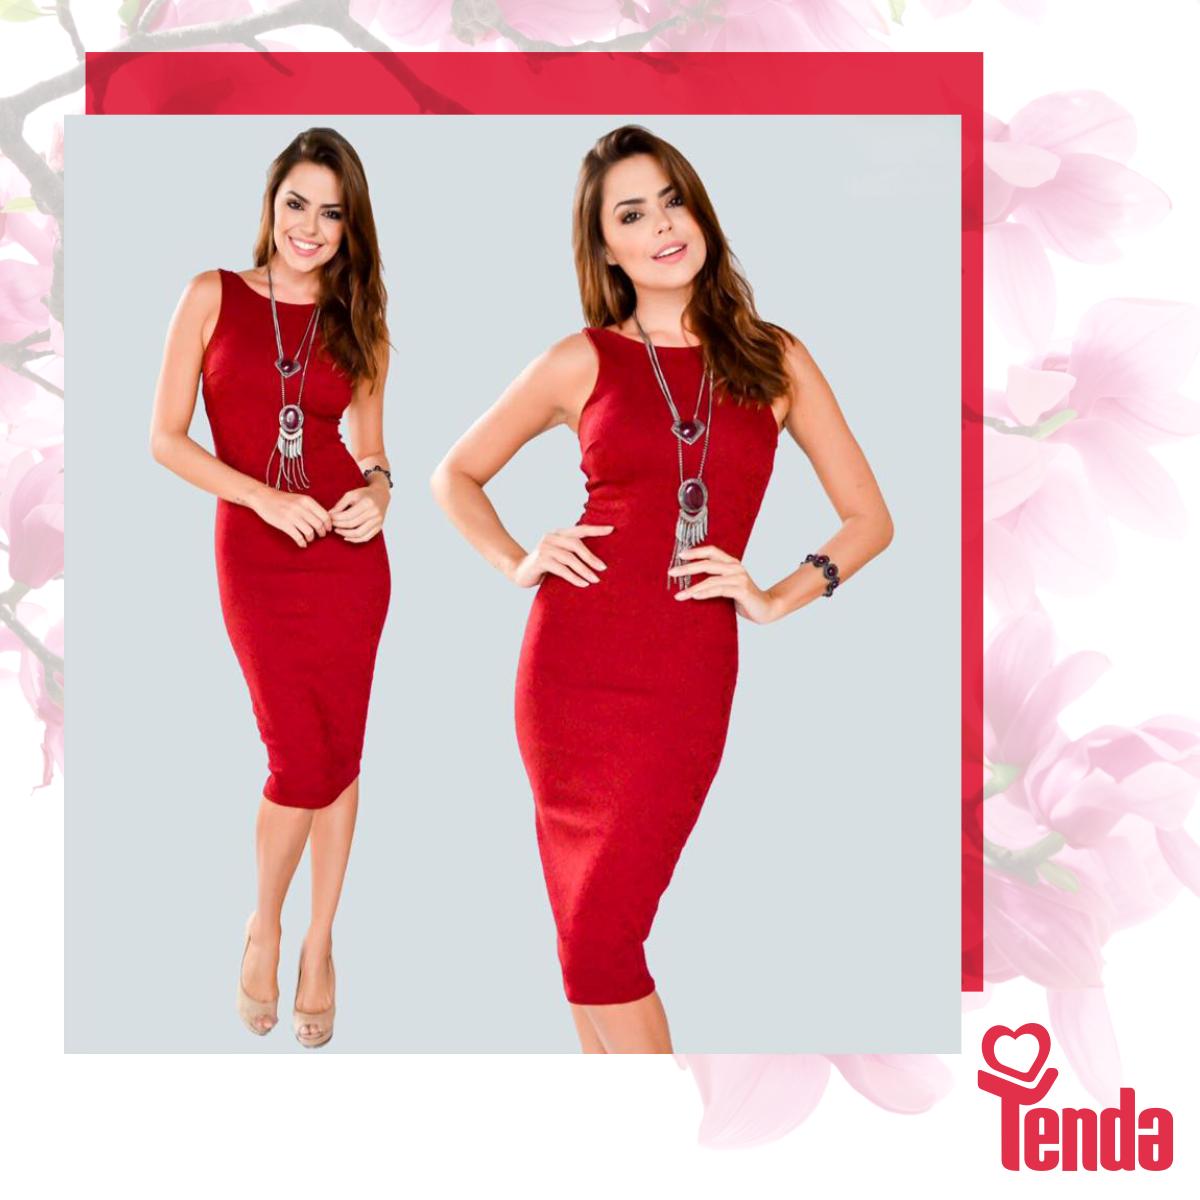 O vermelho domina este look escolhido para animar a temporada outono/inverno 2016. Aliados da cor, os acessórios completam o visual capaz de alegrar qualquer estação. #Tenda.